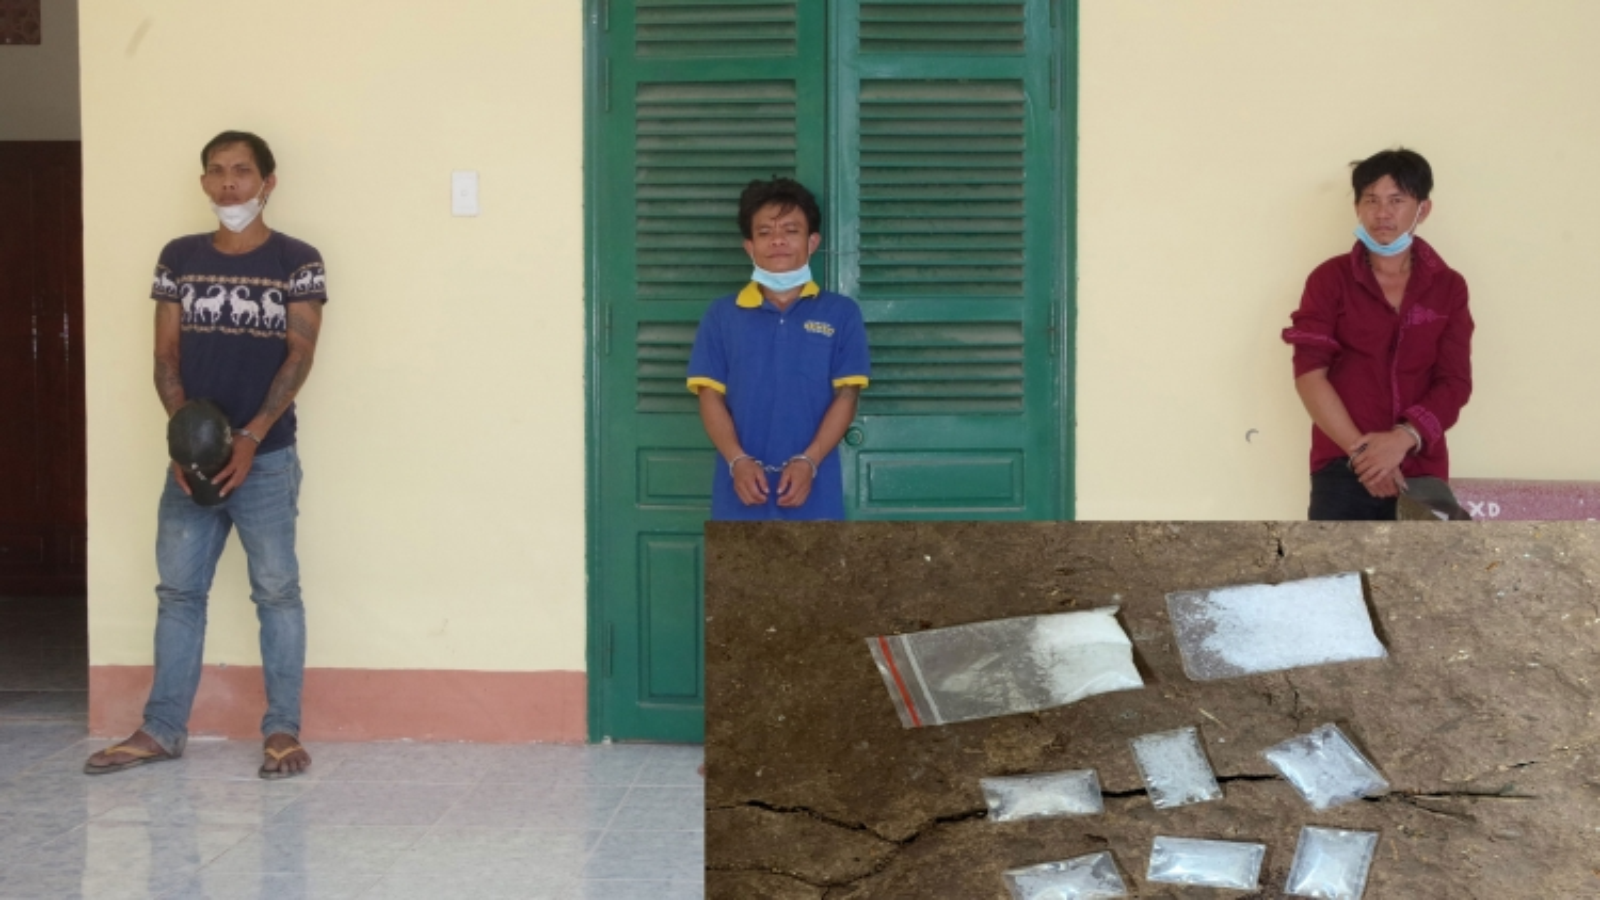 Bộ đội Biên phòng Sóc Trăng bắt 3 đối tượng tàng trữ, sử dụng chất ma túy